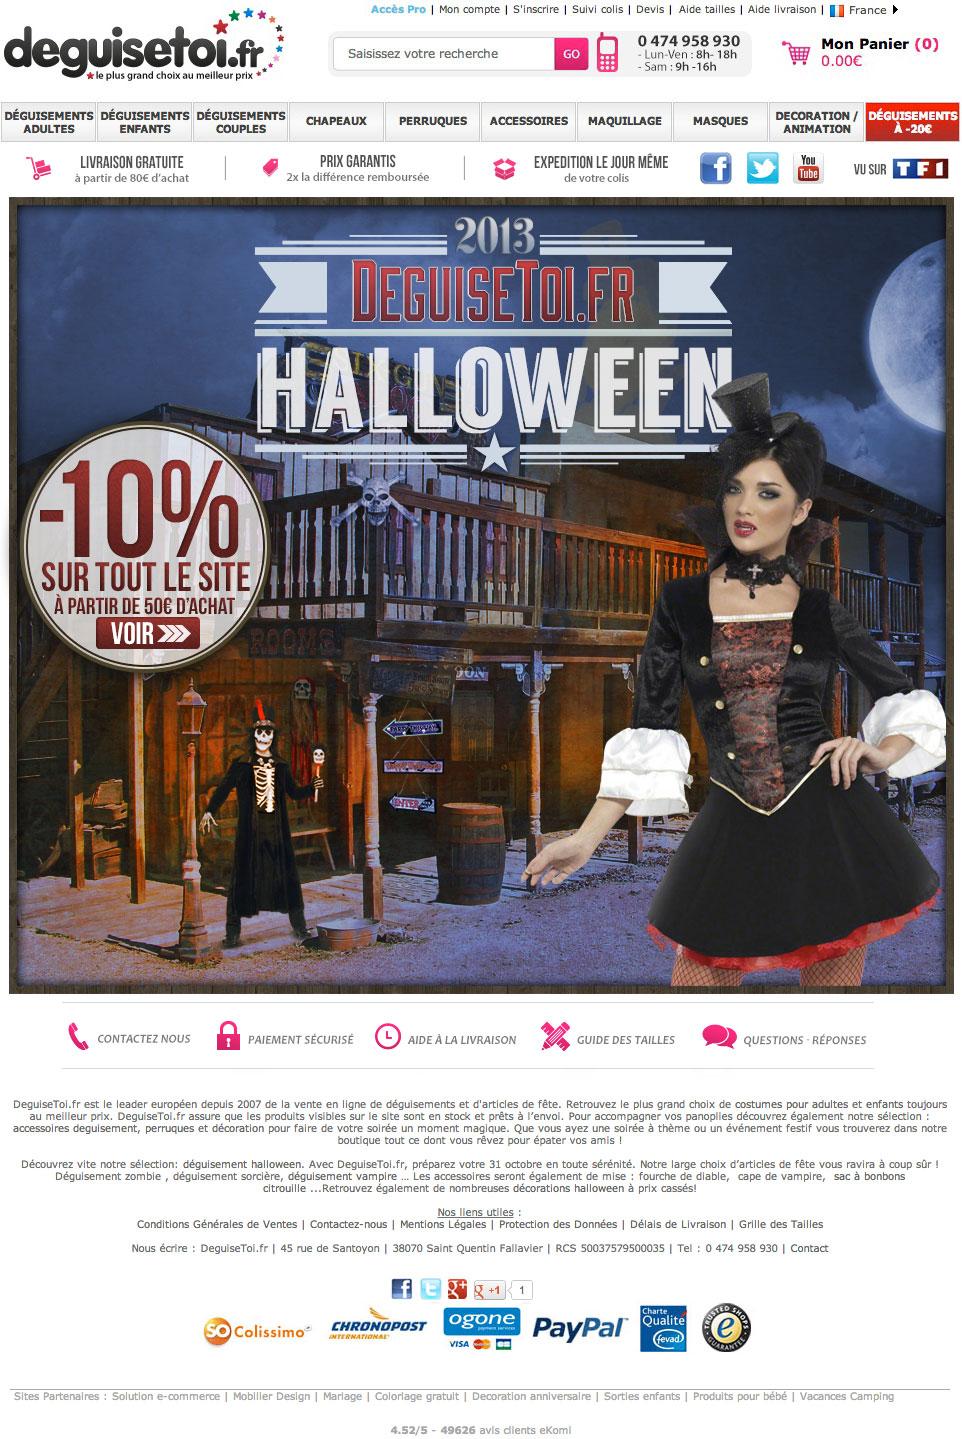 DeguiseToi - Reduction de 10 pourcent pour Halloween 2013